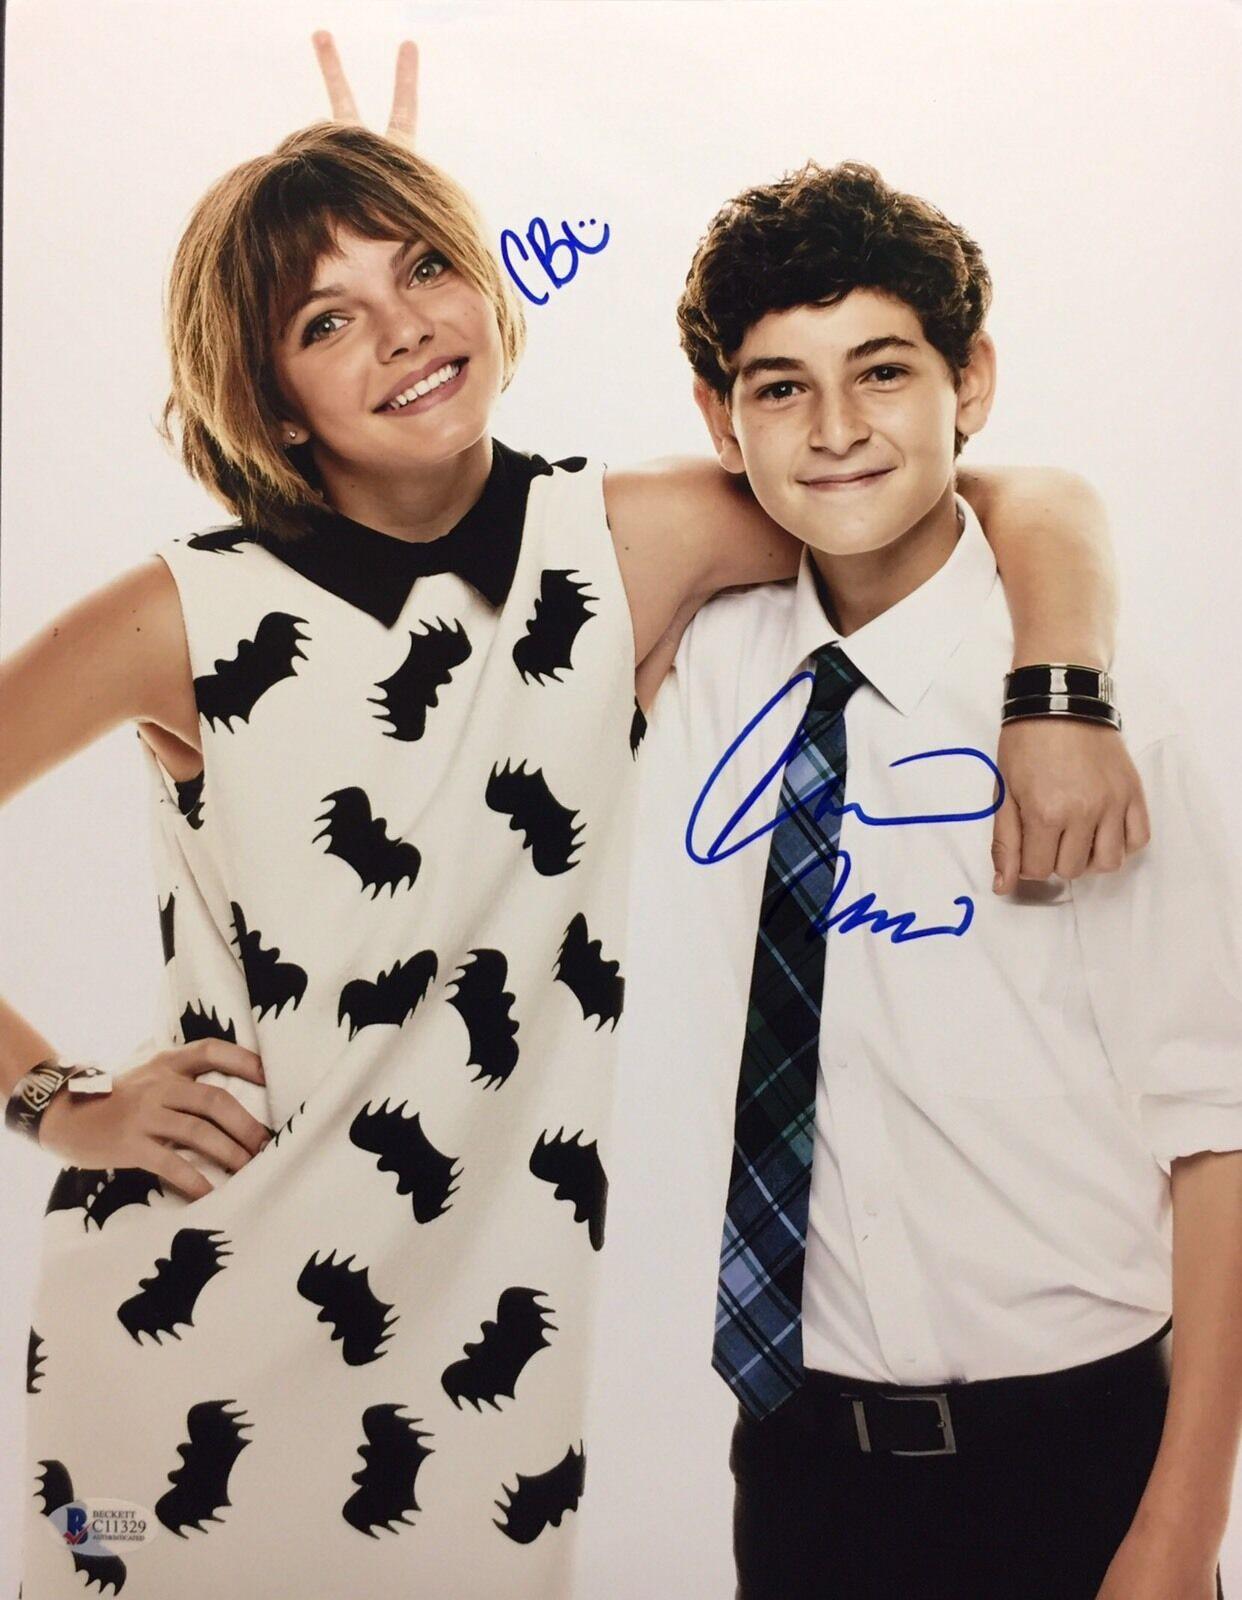 Camren Bicondova And David Mazouz Signed Gotham 11x14 Photo Beckett C11329